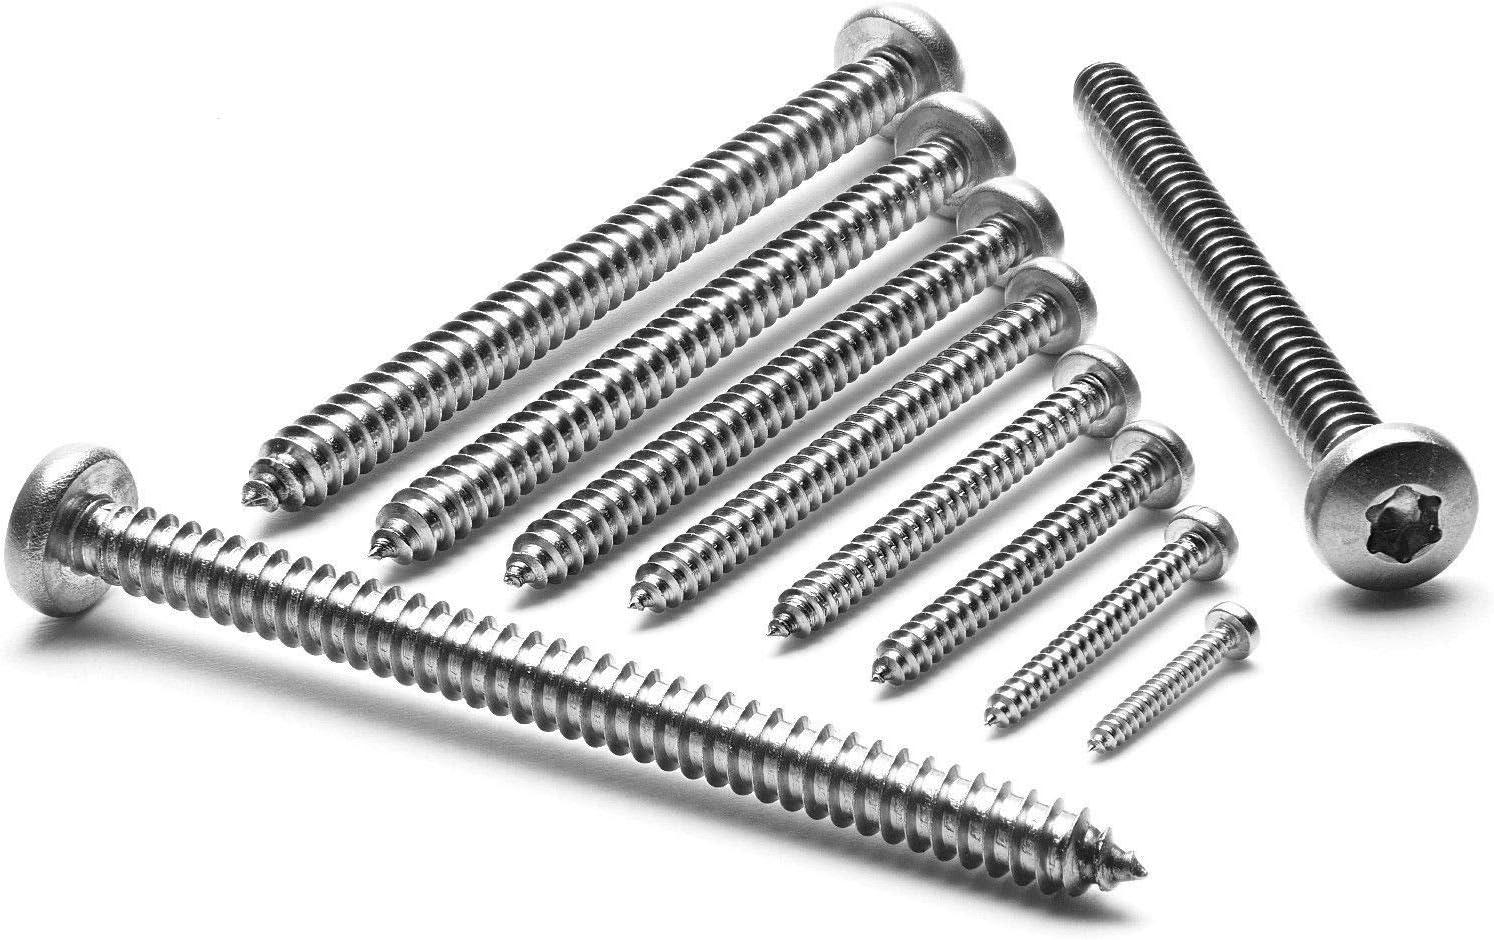 100 Bohrschrauben Edelstahl V2a 4,2 x 19 mm Blechschrauben A2  mit Senkkopf PH2